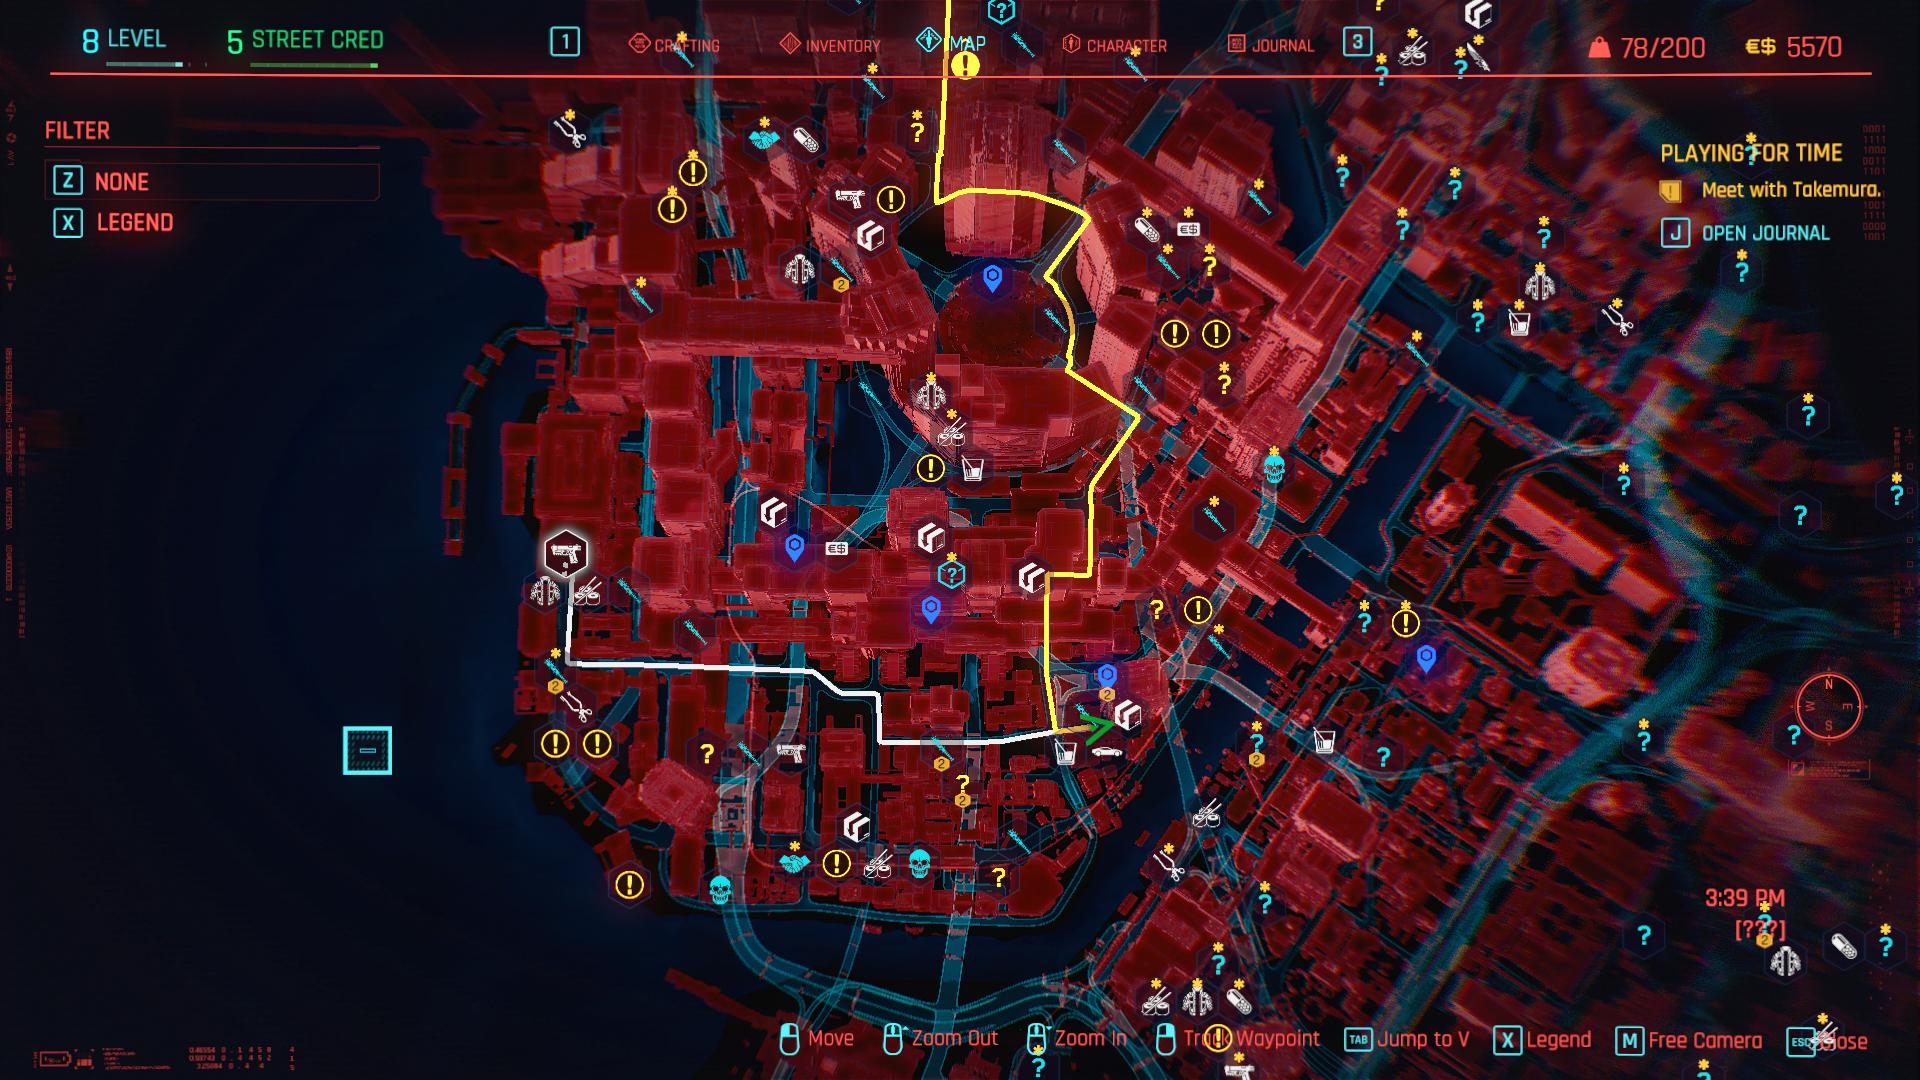 Acheter des munitions dans les magasins d'armes dans Cyberpunk 2077